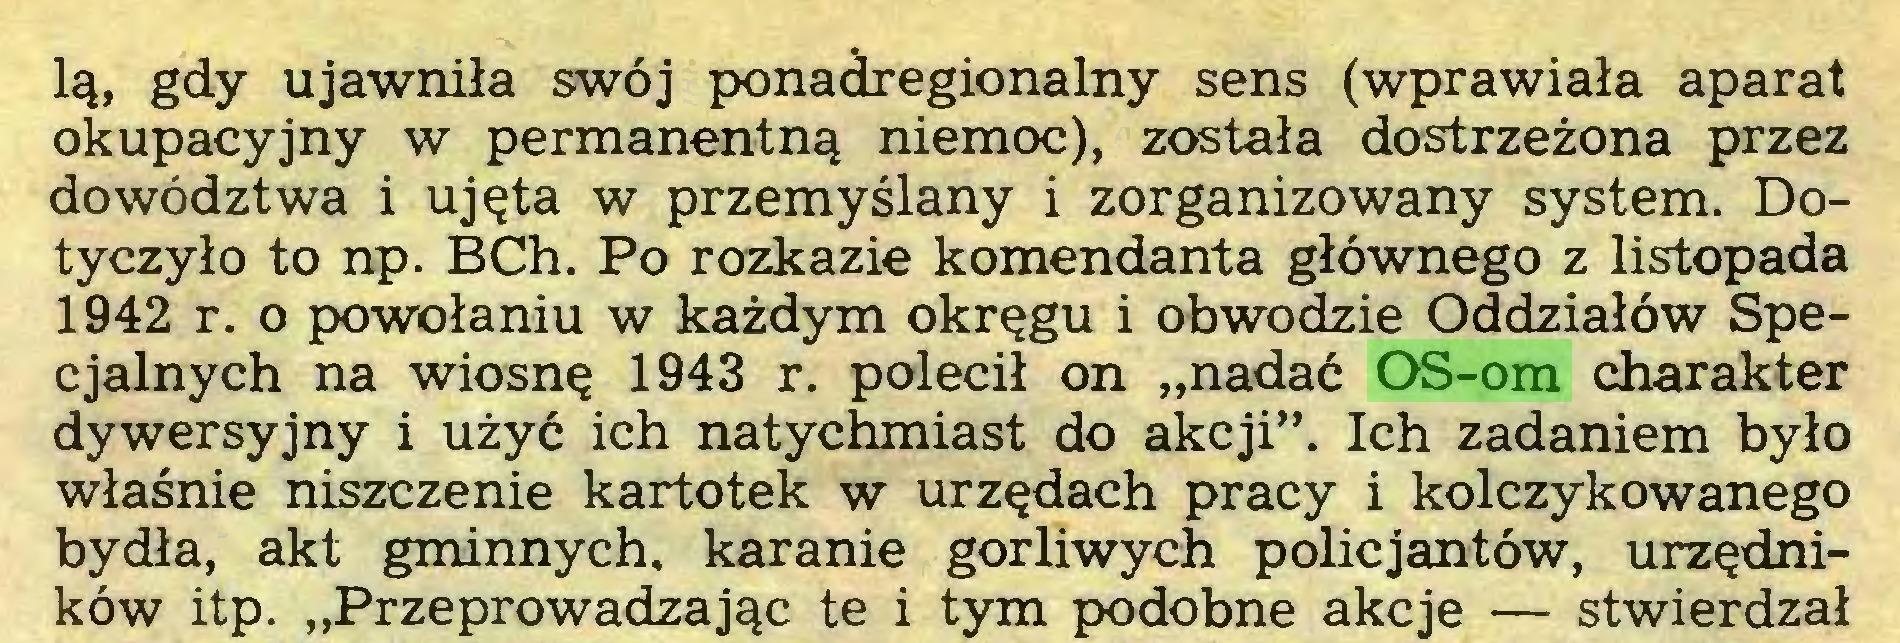 """(...) lą, gdy ujawniła swój ponadregionalny sens (wprawiała aparat okupacyjny w permanentną niemoc), została dostrzeżona przez dowództwa i ujęta w przemyślany i zorganizowany system. Dotyczyło to np. BCh. Po rozkazie komendanta głównego z listopada 1942 r. o powołaniu w każdym okręgu i obwodzie Oddziałów Specjalnych na wiosnę 1943 r. polecił on """"nadać OS-om charakter dywersyjny i użyć ich natychmiast do akcji"""". Ich zadaniem było właśnie niszczenie kartotek w urzędach pracy i kolczykowanego bydła, akt gminnych, karanie gorliwych policjantów, urzędników itp. """"Przeprowadzając te i tym podobne akcje — stwierdzał..."""